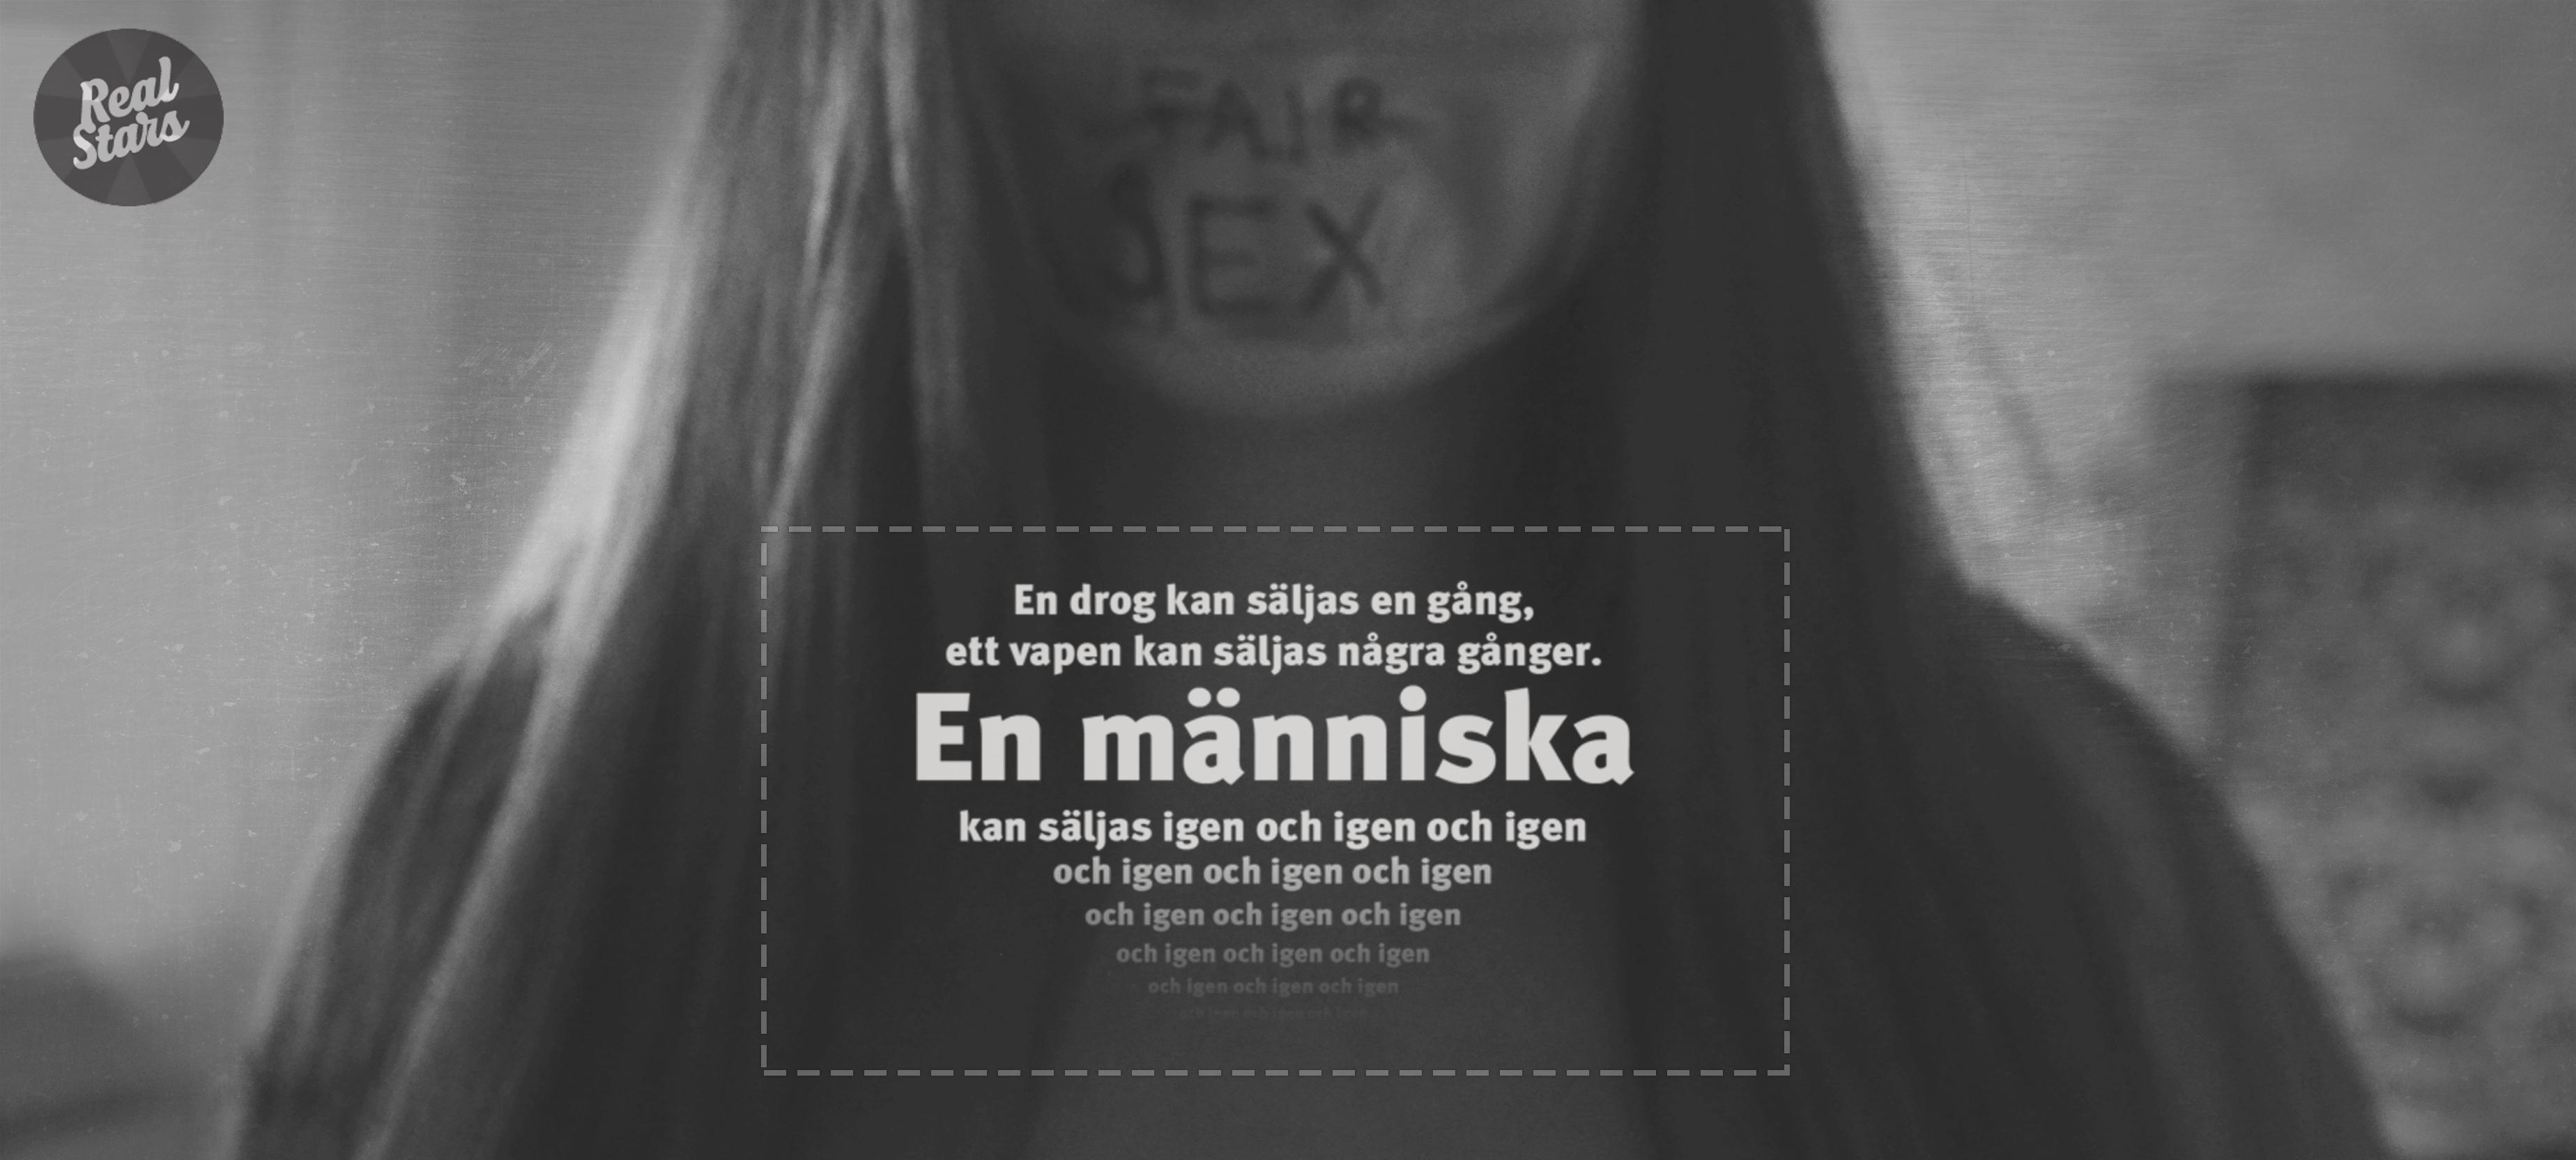 Bild av Linda Berggren - Mediagymnasiet